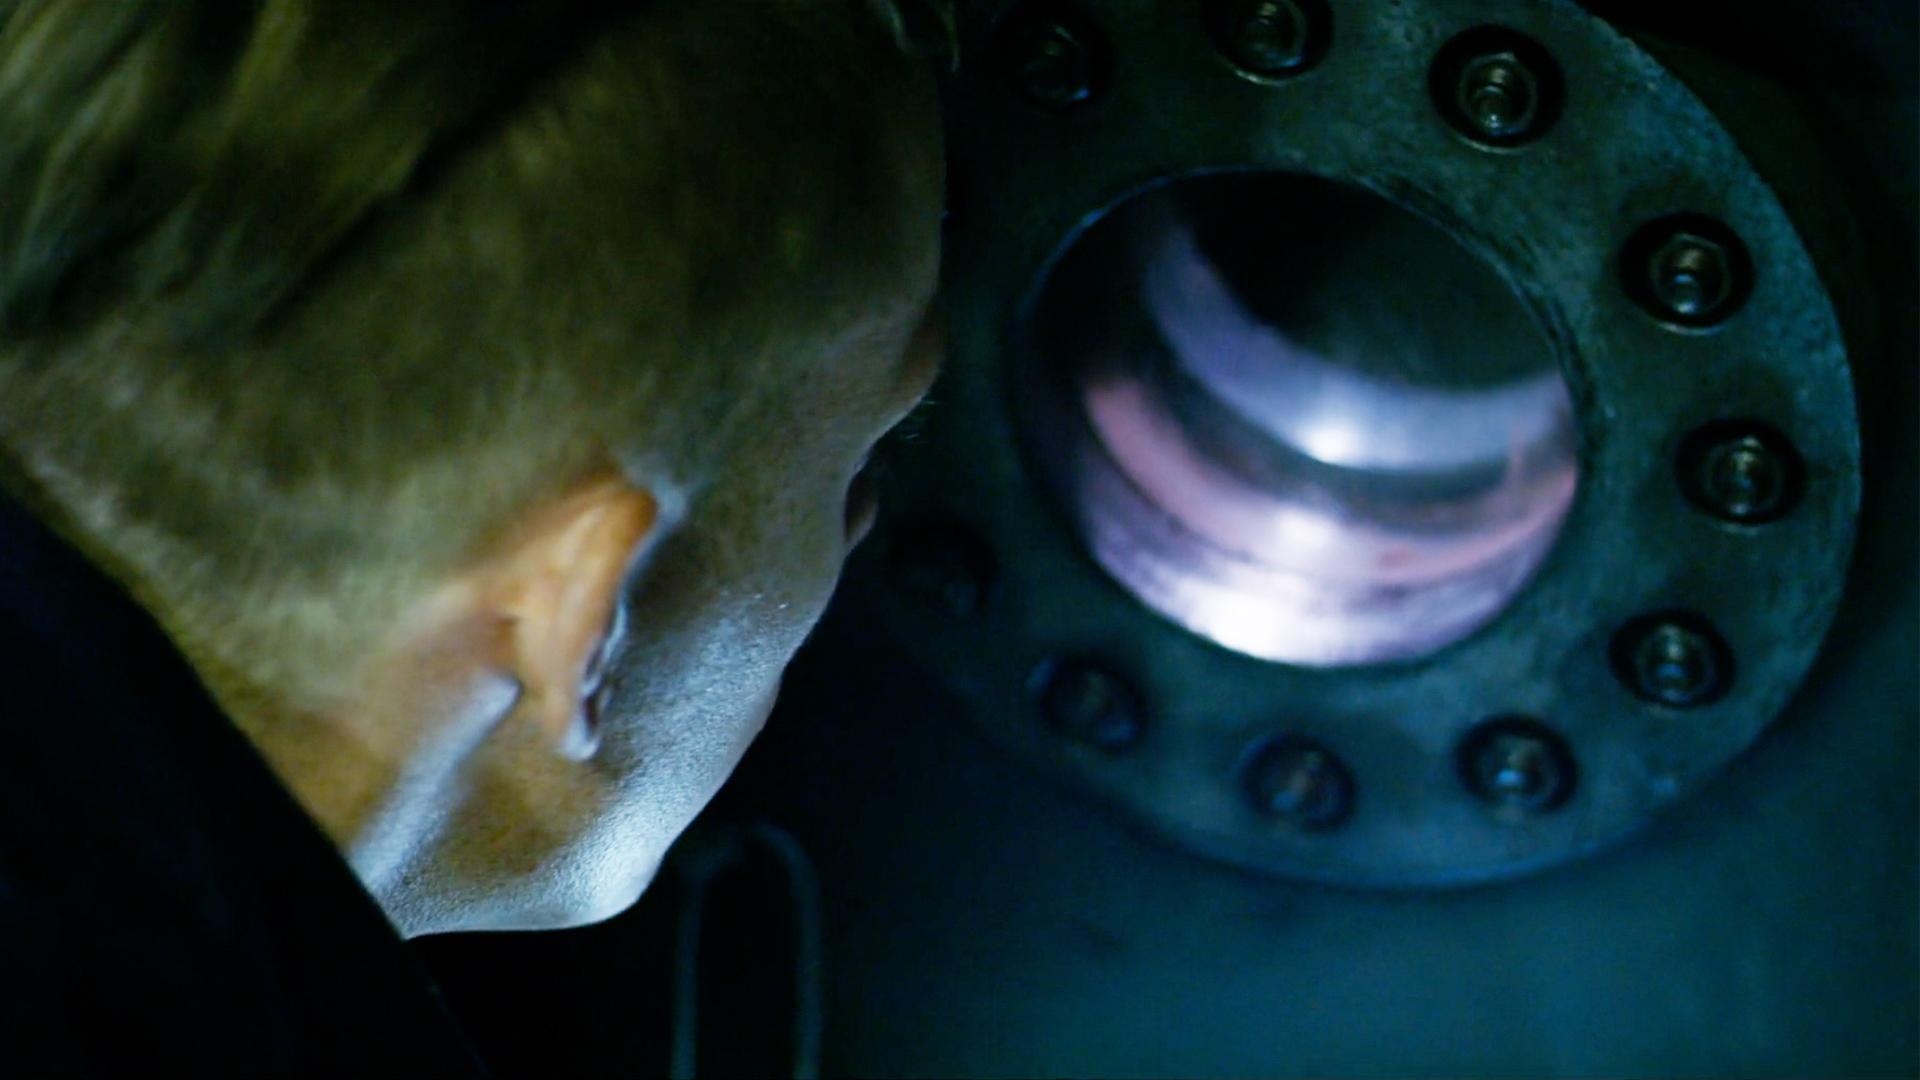 4人被困深海潜水仓,本想出去求援,却在外面看到绝望的一幕